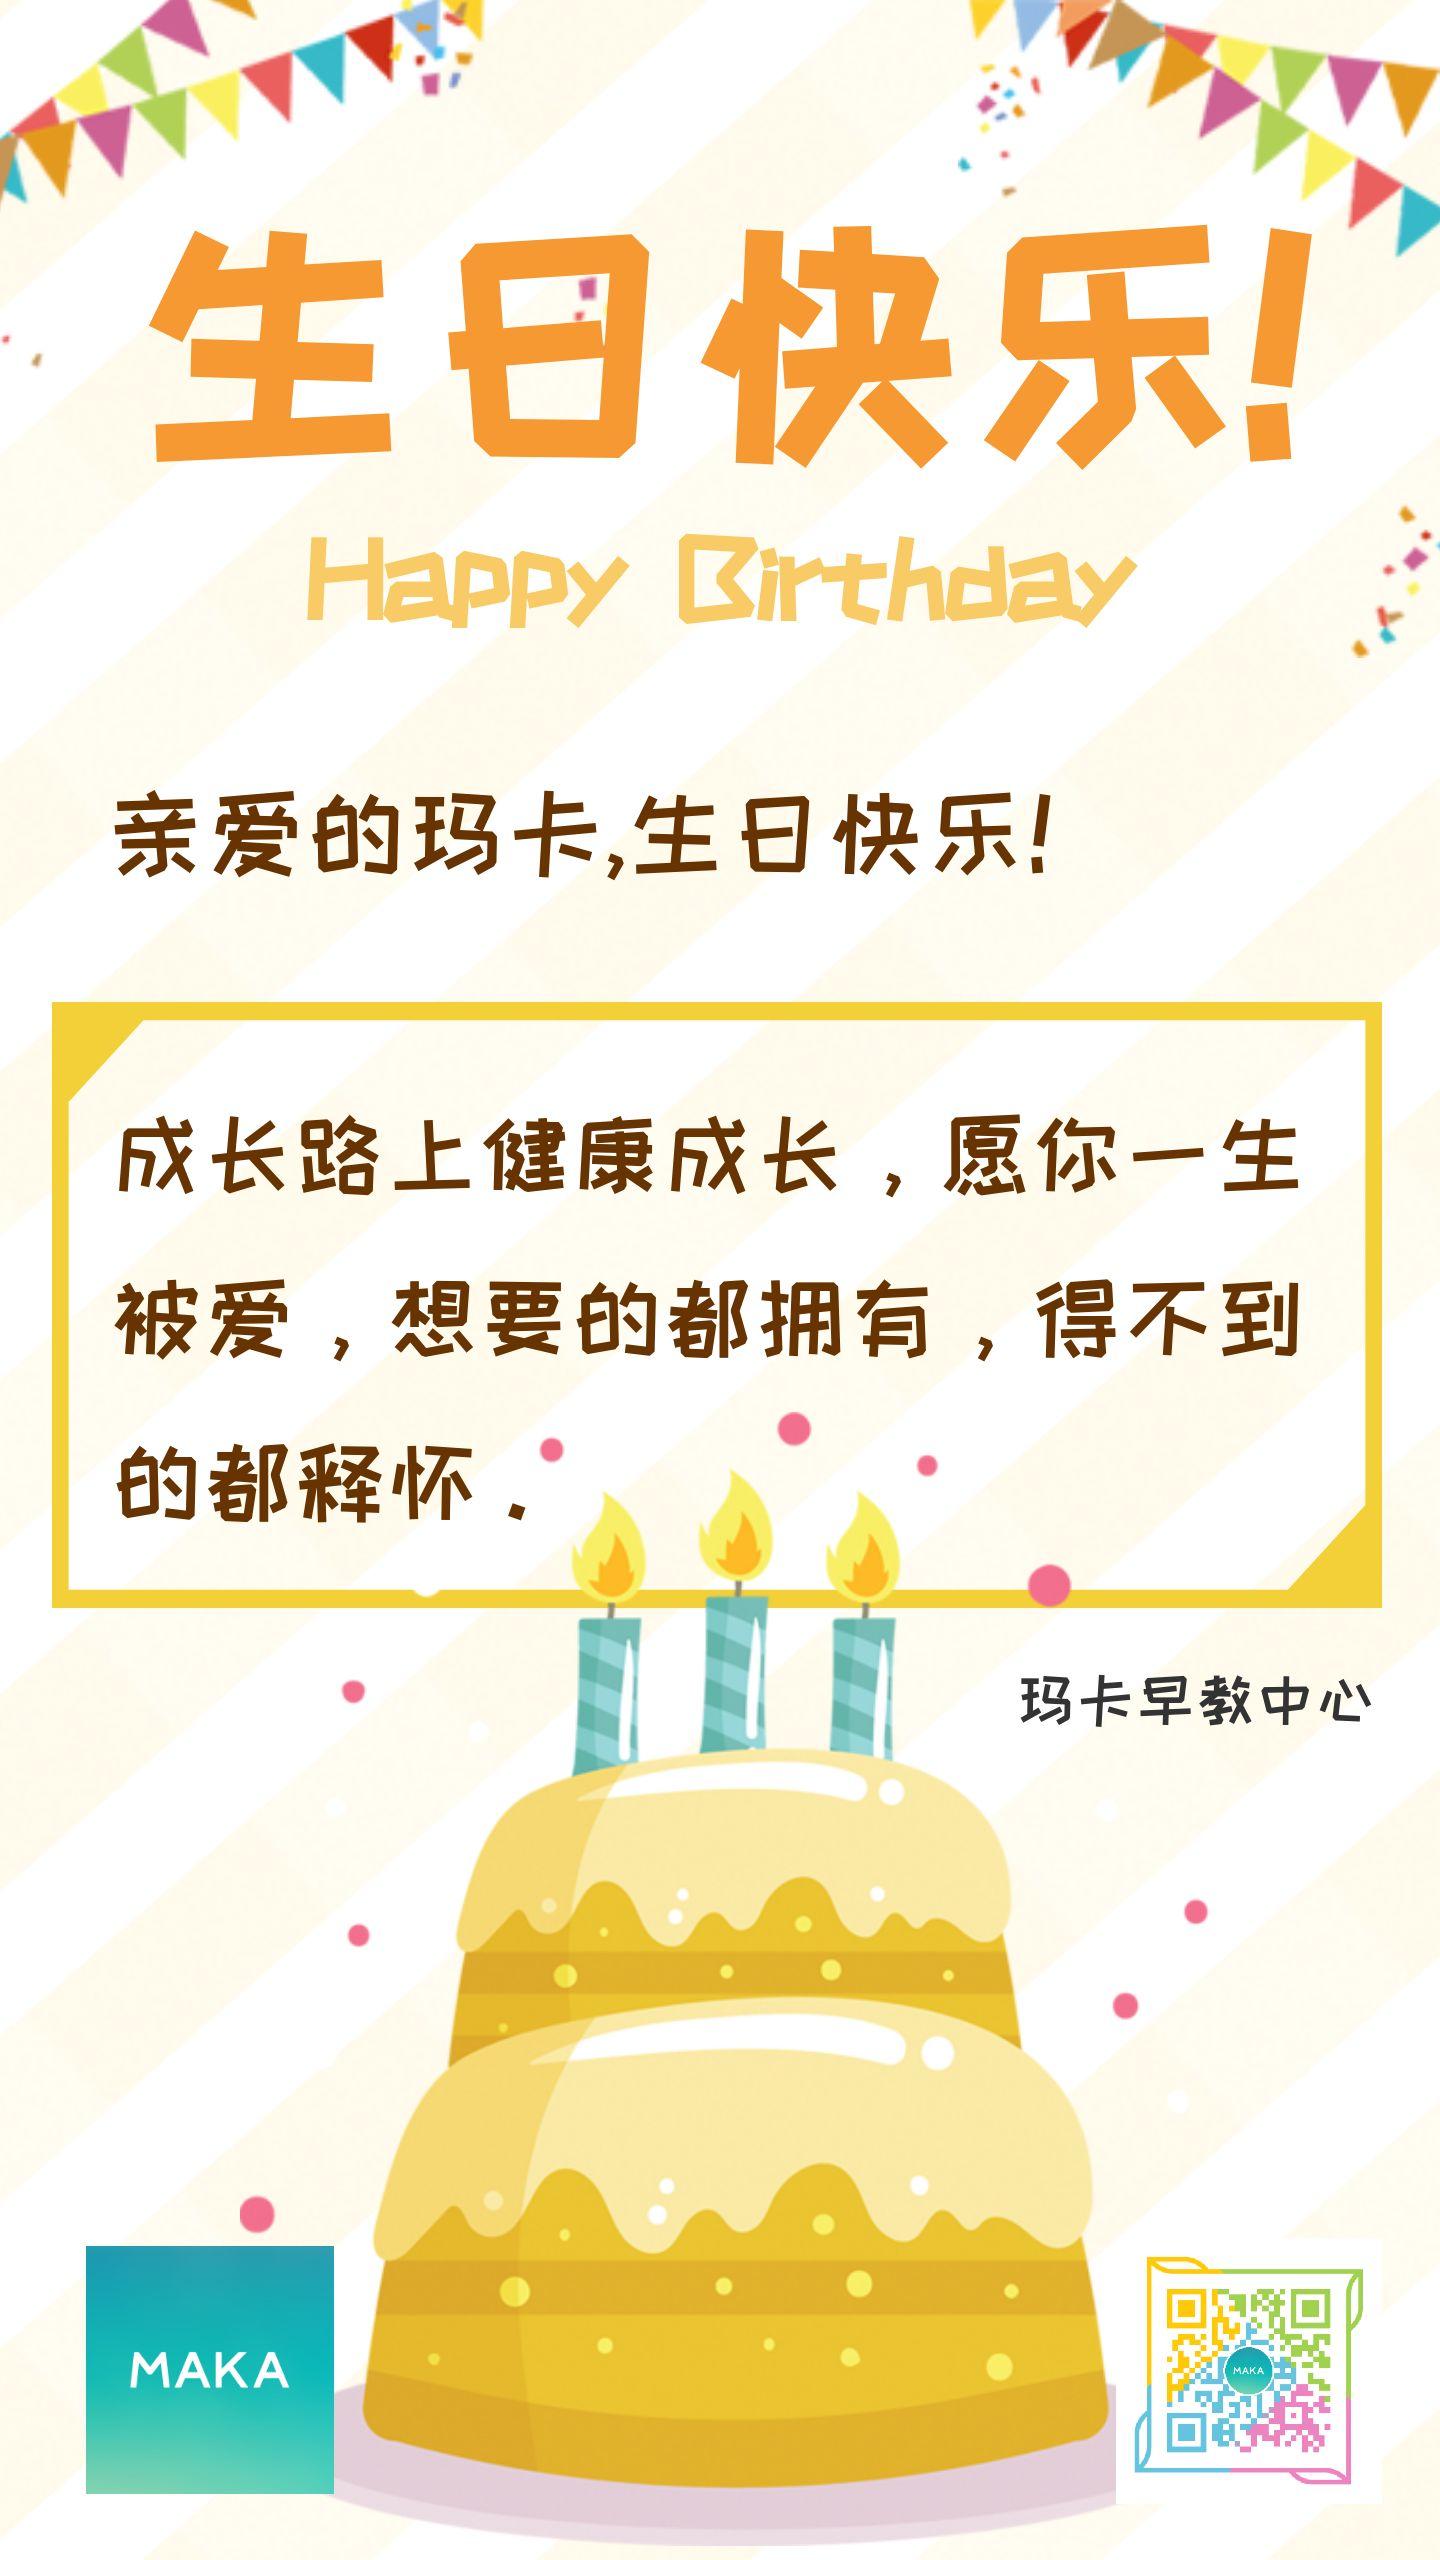 黄色斜条纹卡通插画风早教教育生日快乐祝福海报